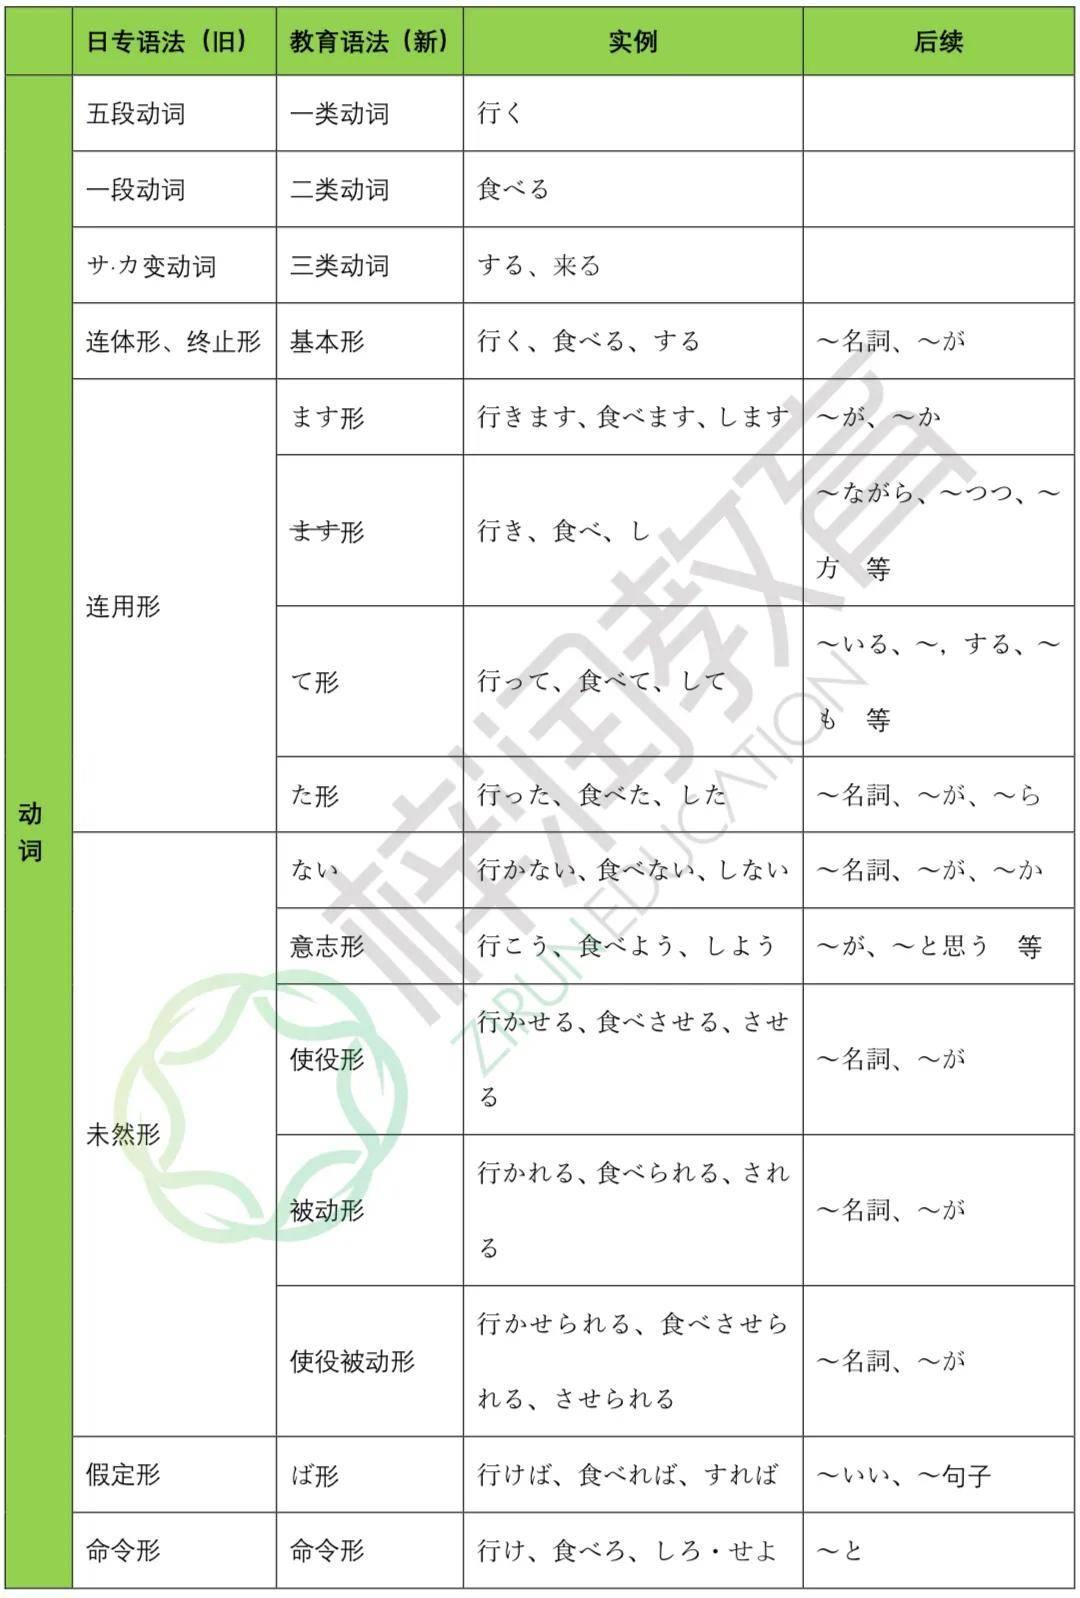 每天学一点单词:会计财务有关日语单词